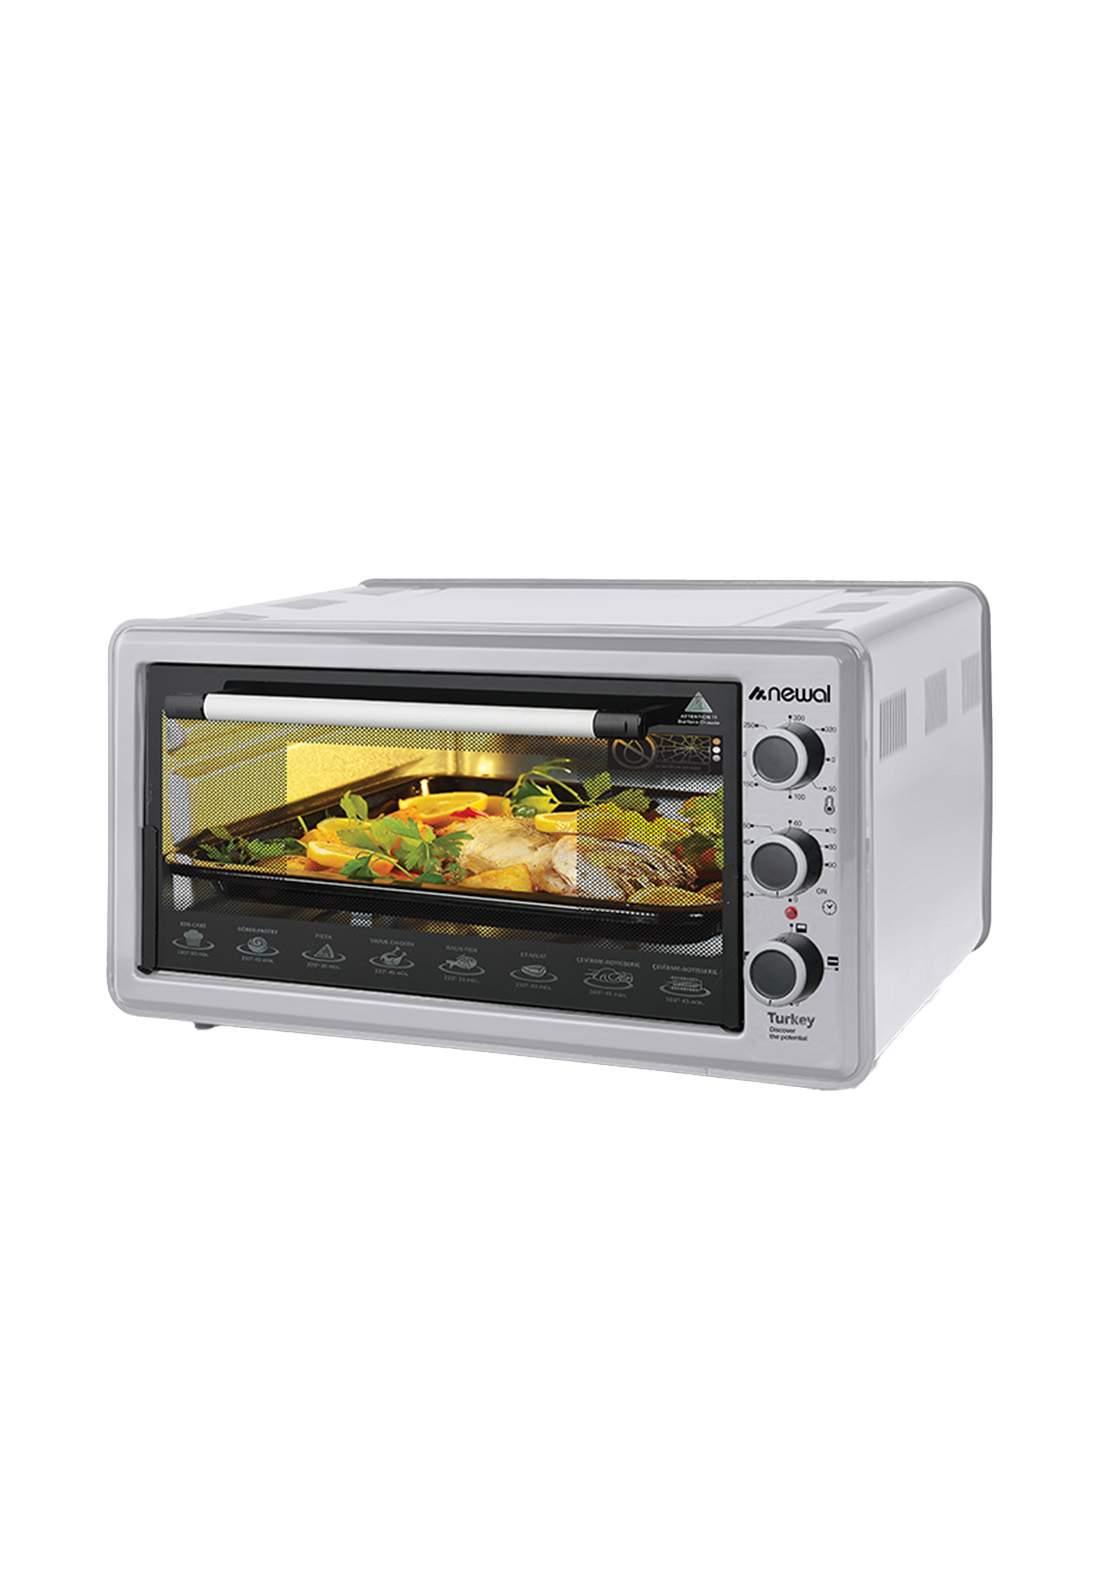 Newal Mini Oven 45L MOV-451-05 - Gray فرن كهربائي